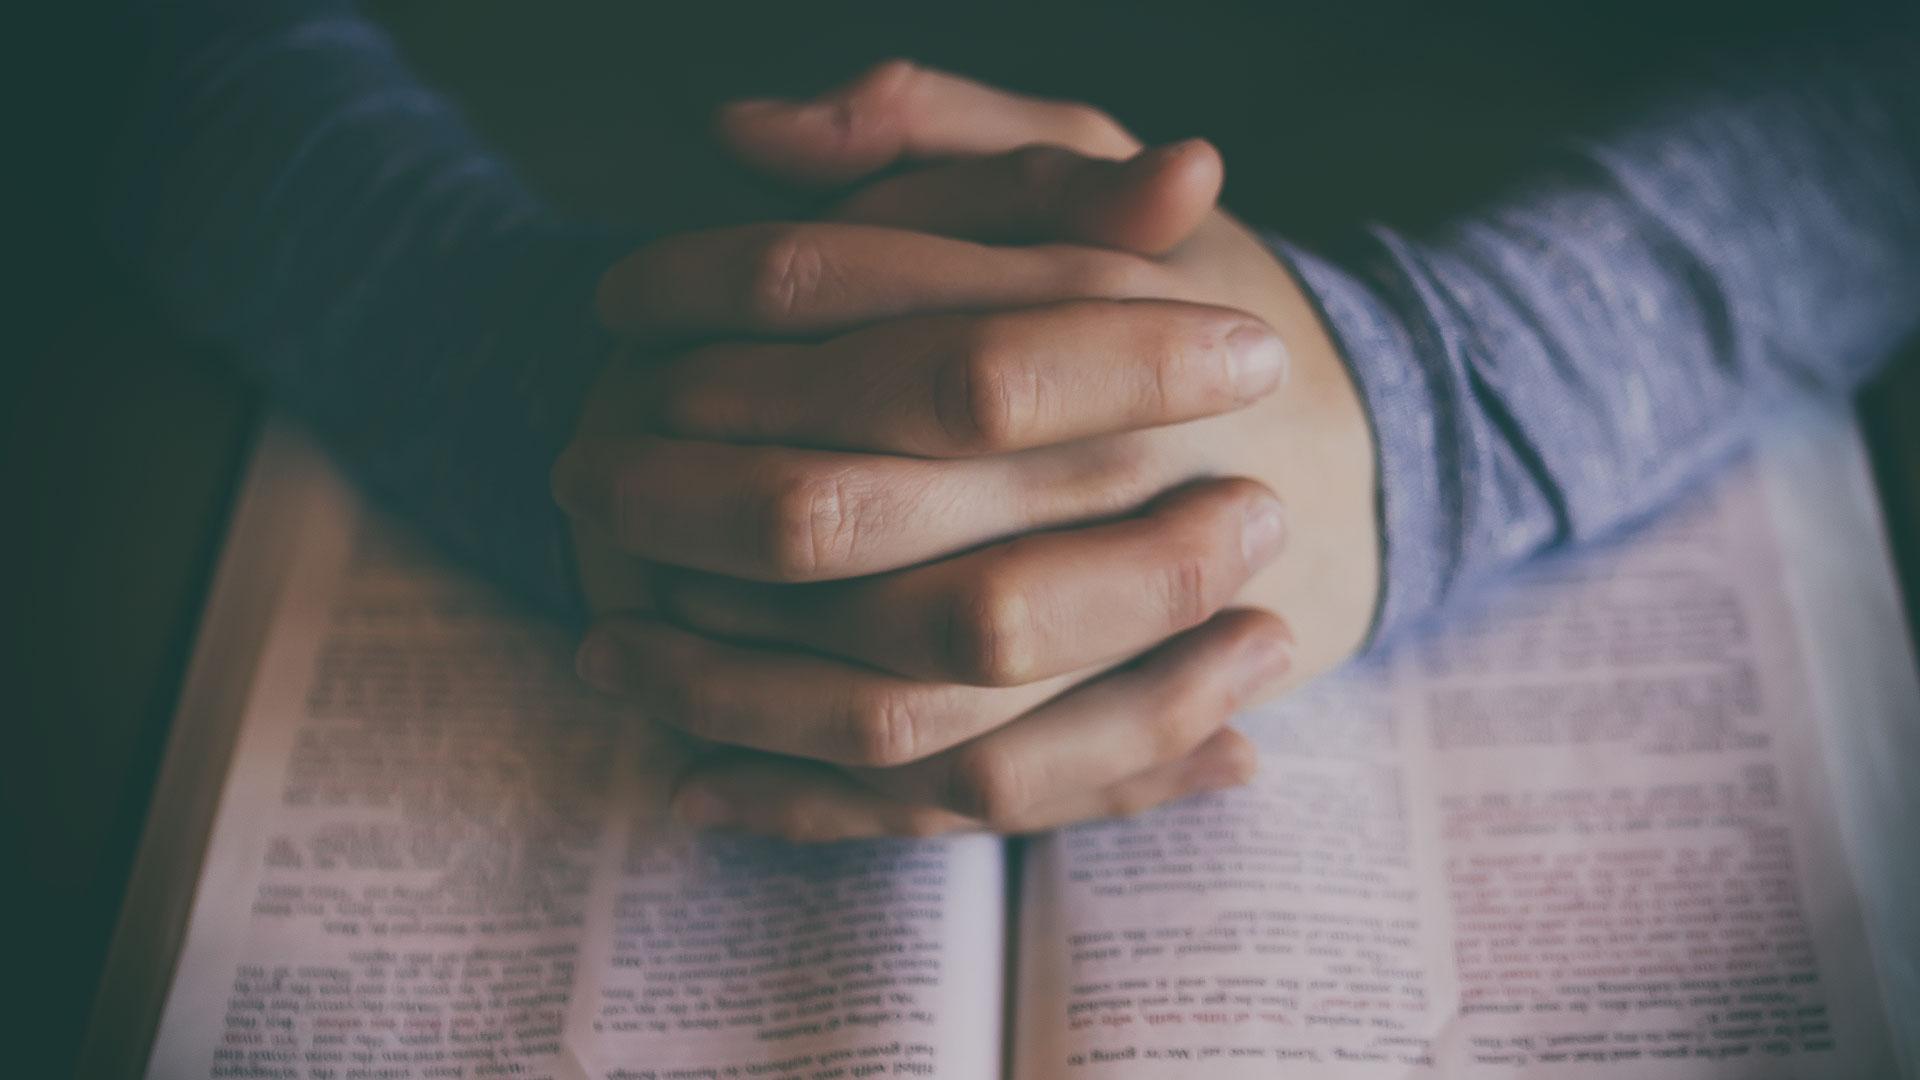 Artículo | ¿Qué dice la Biblia que debemos hacer en tiempos de sufrimiento extremo? - Parte 1